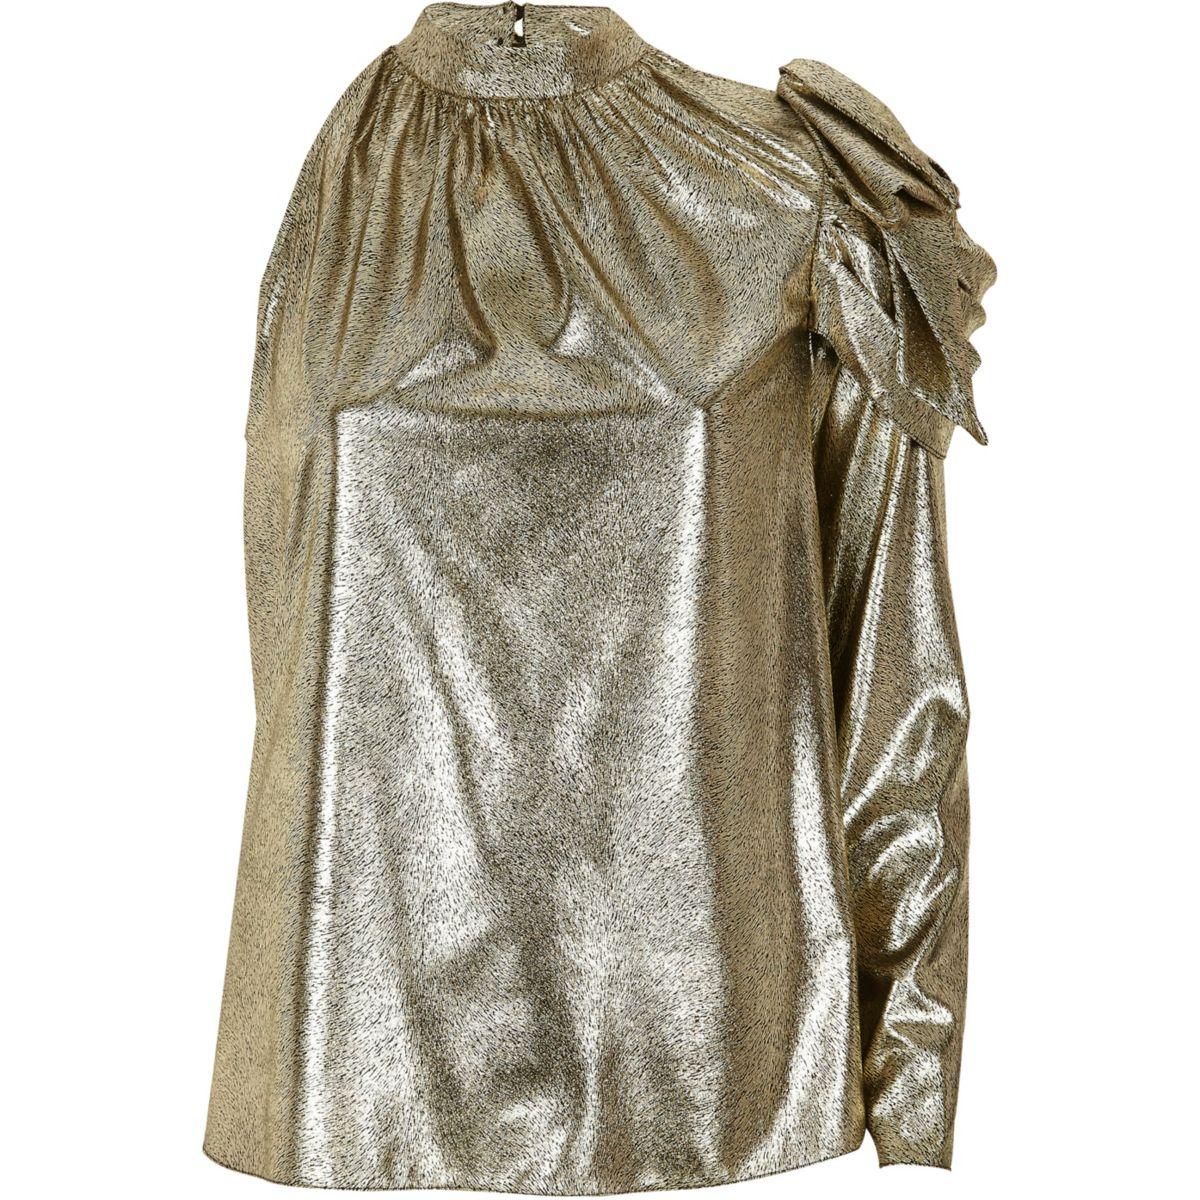 Gold metallic one shoulder top